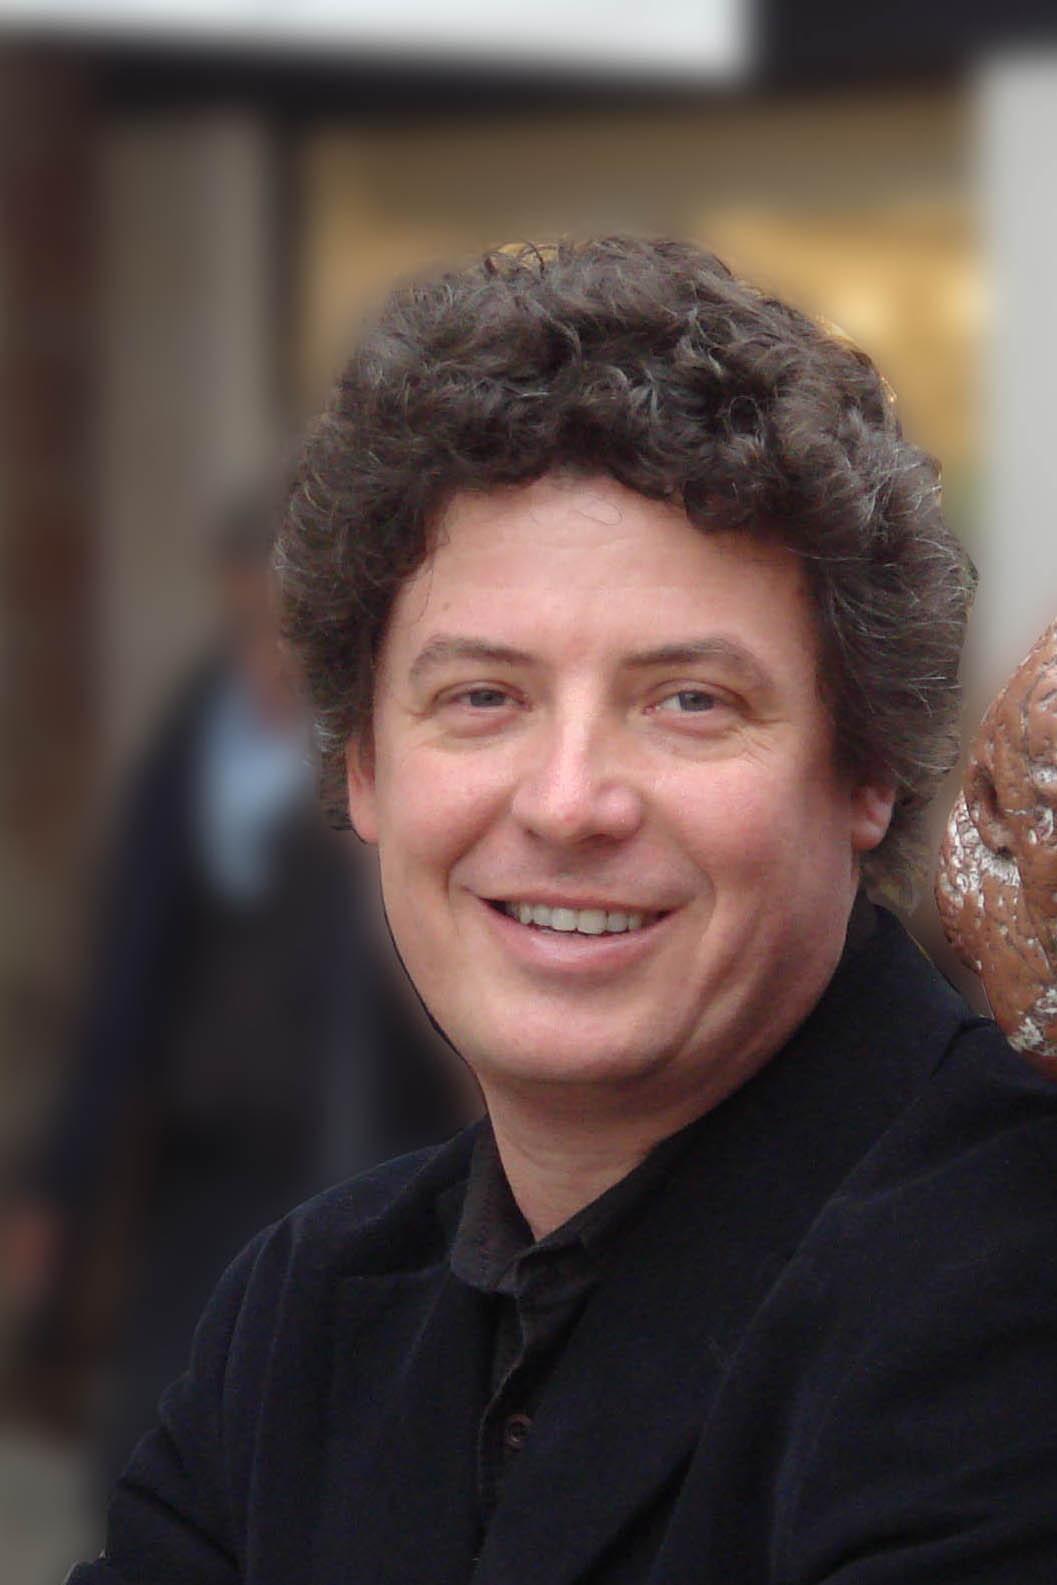 Aidan Ridyard